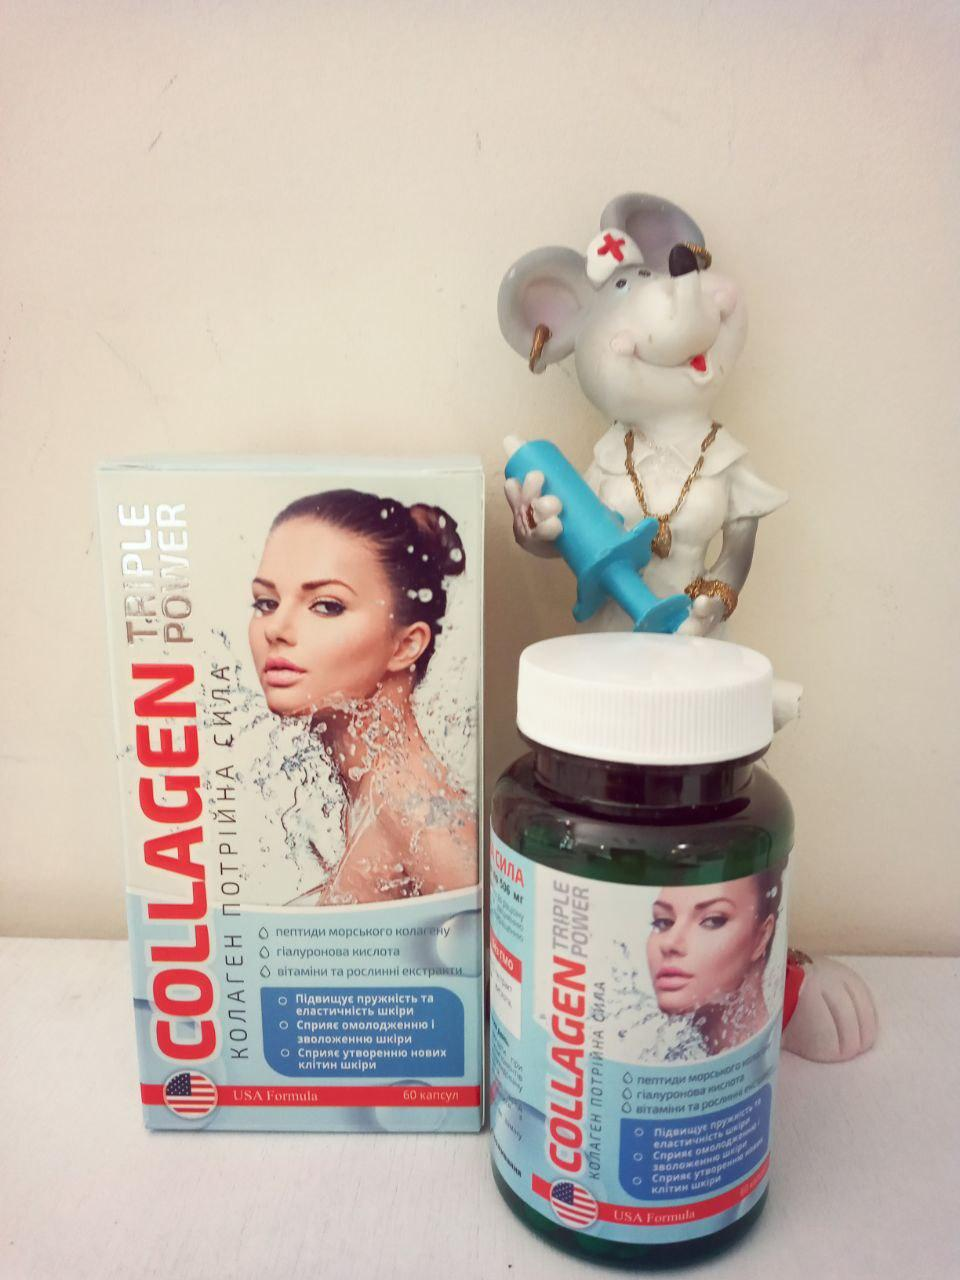 капсулы коллагена пищевого для улучшения тонуса кожи, обогащенного гиалуроновой кислотой для увлажнения кожи